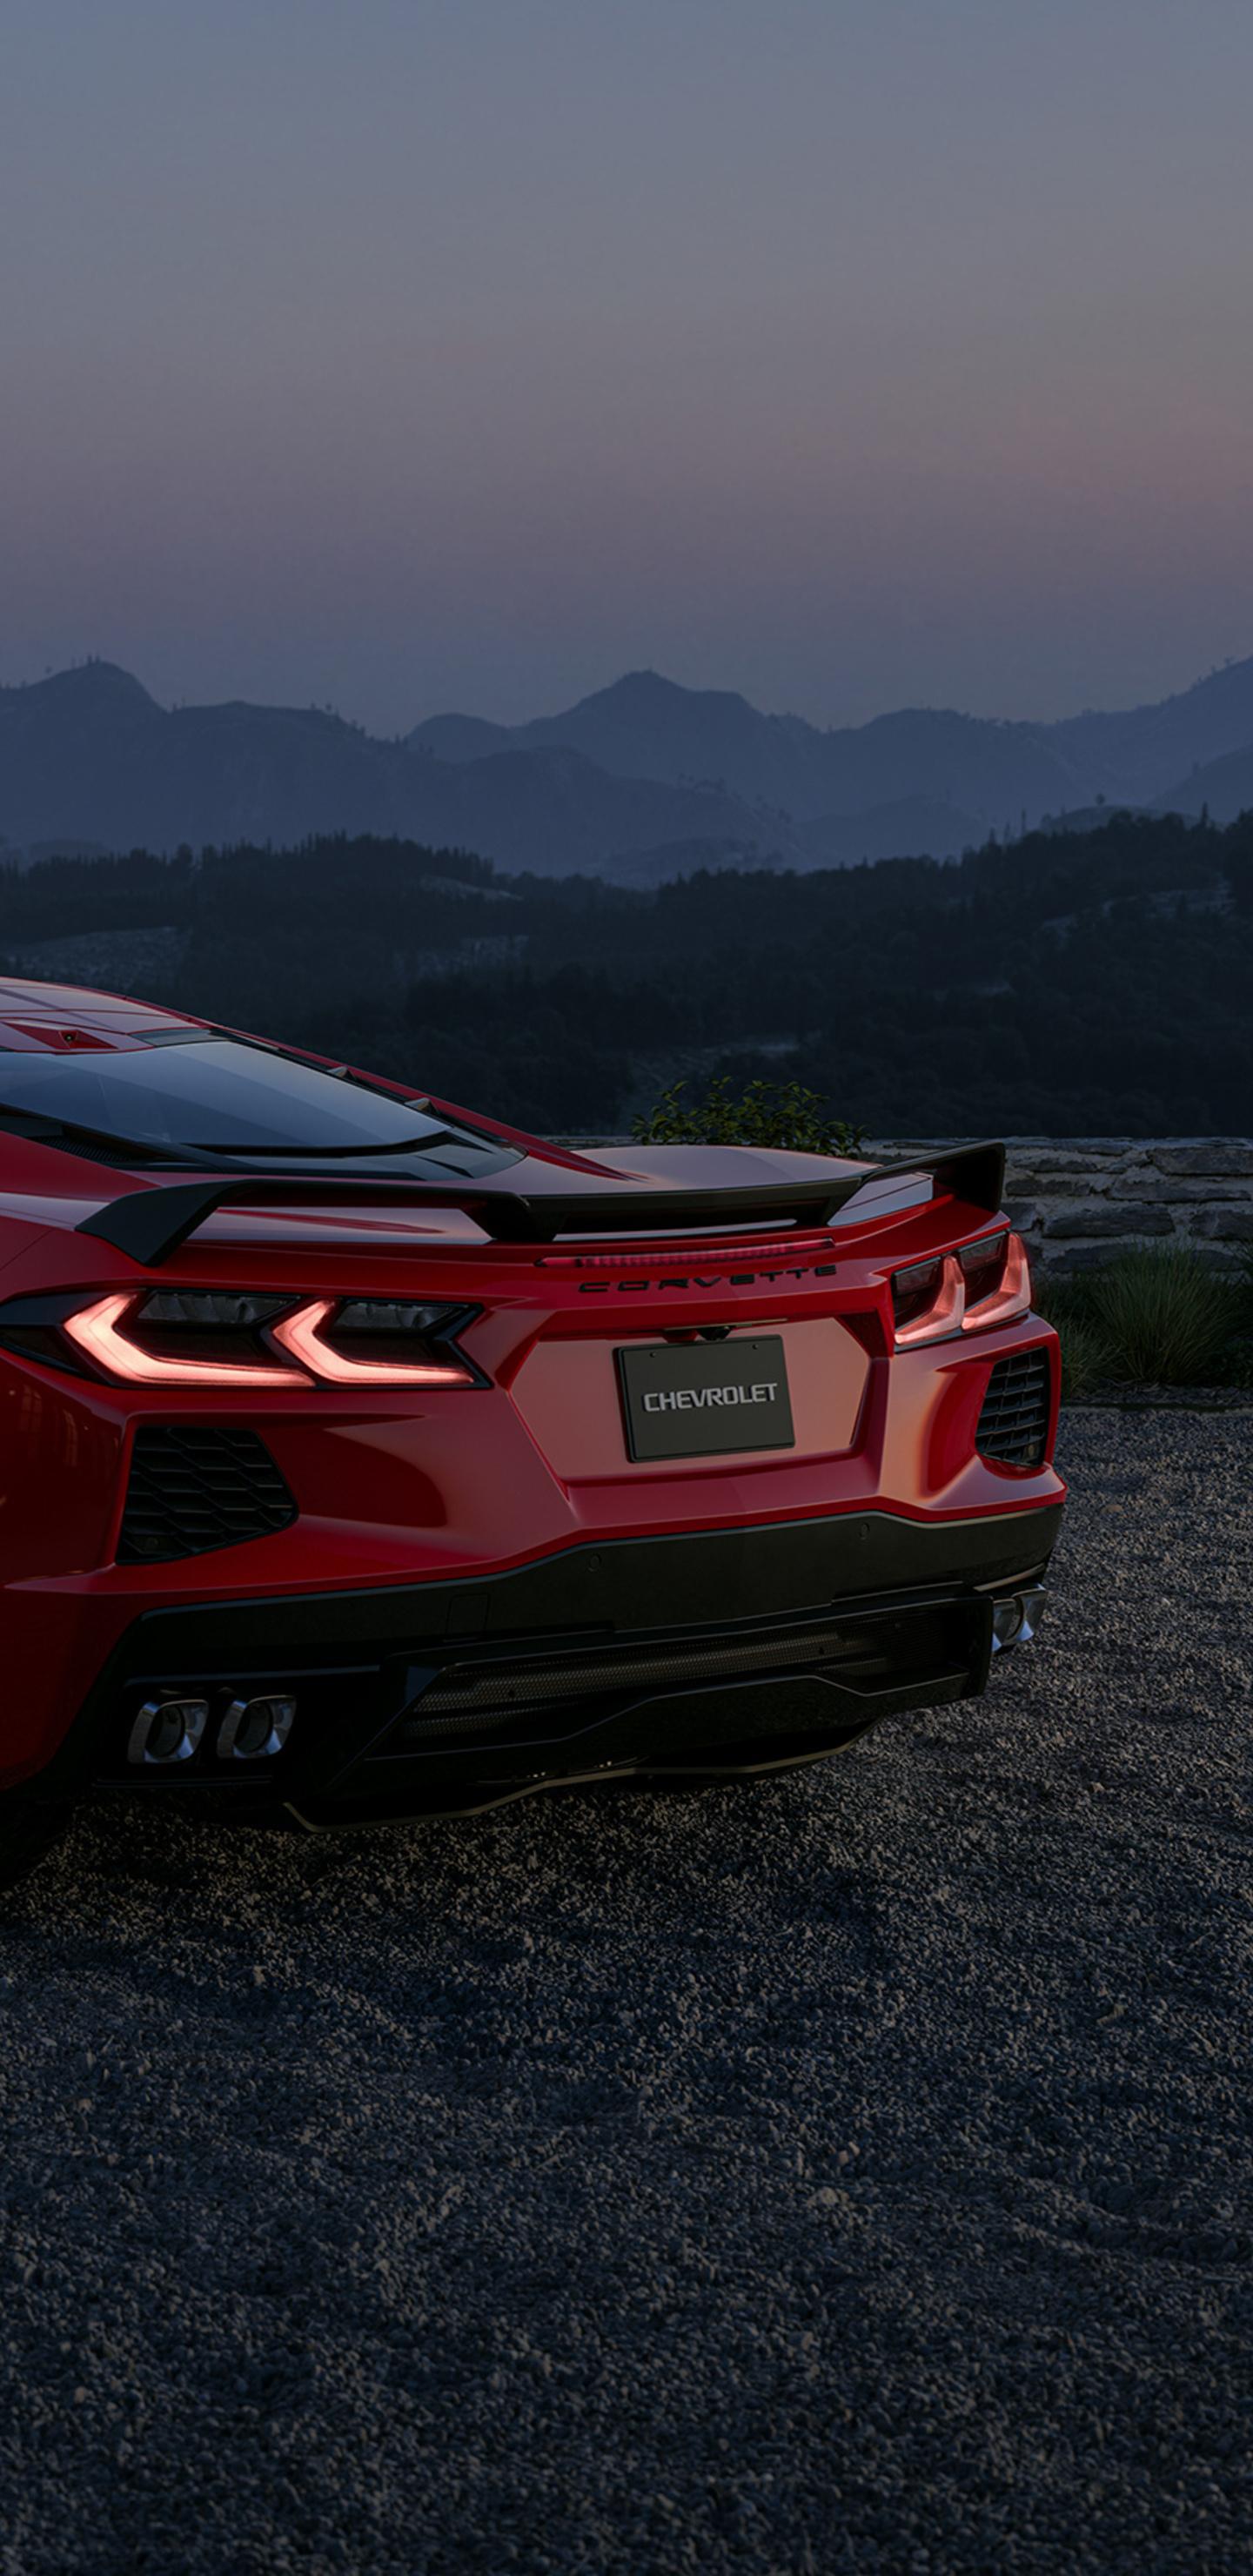 red-chevrolet-corvette-4k-2021-new-yo.jpg